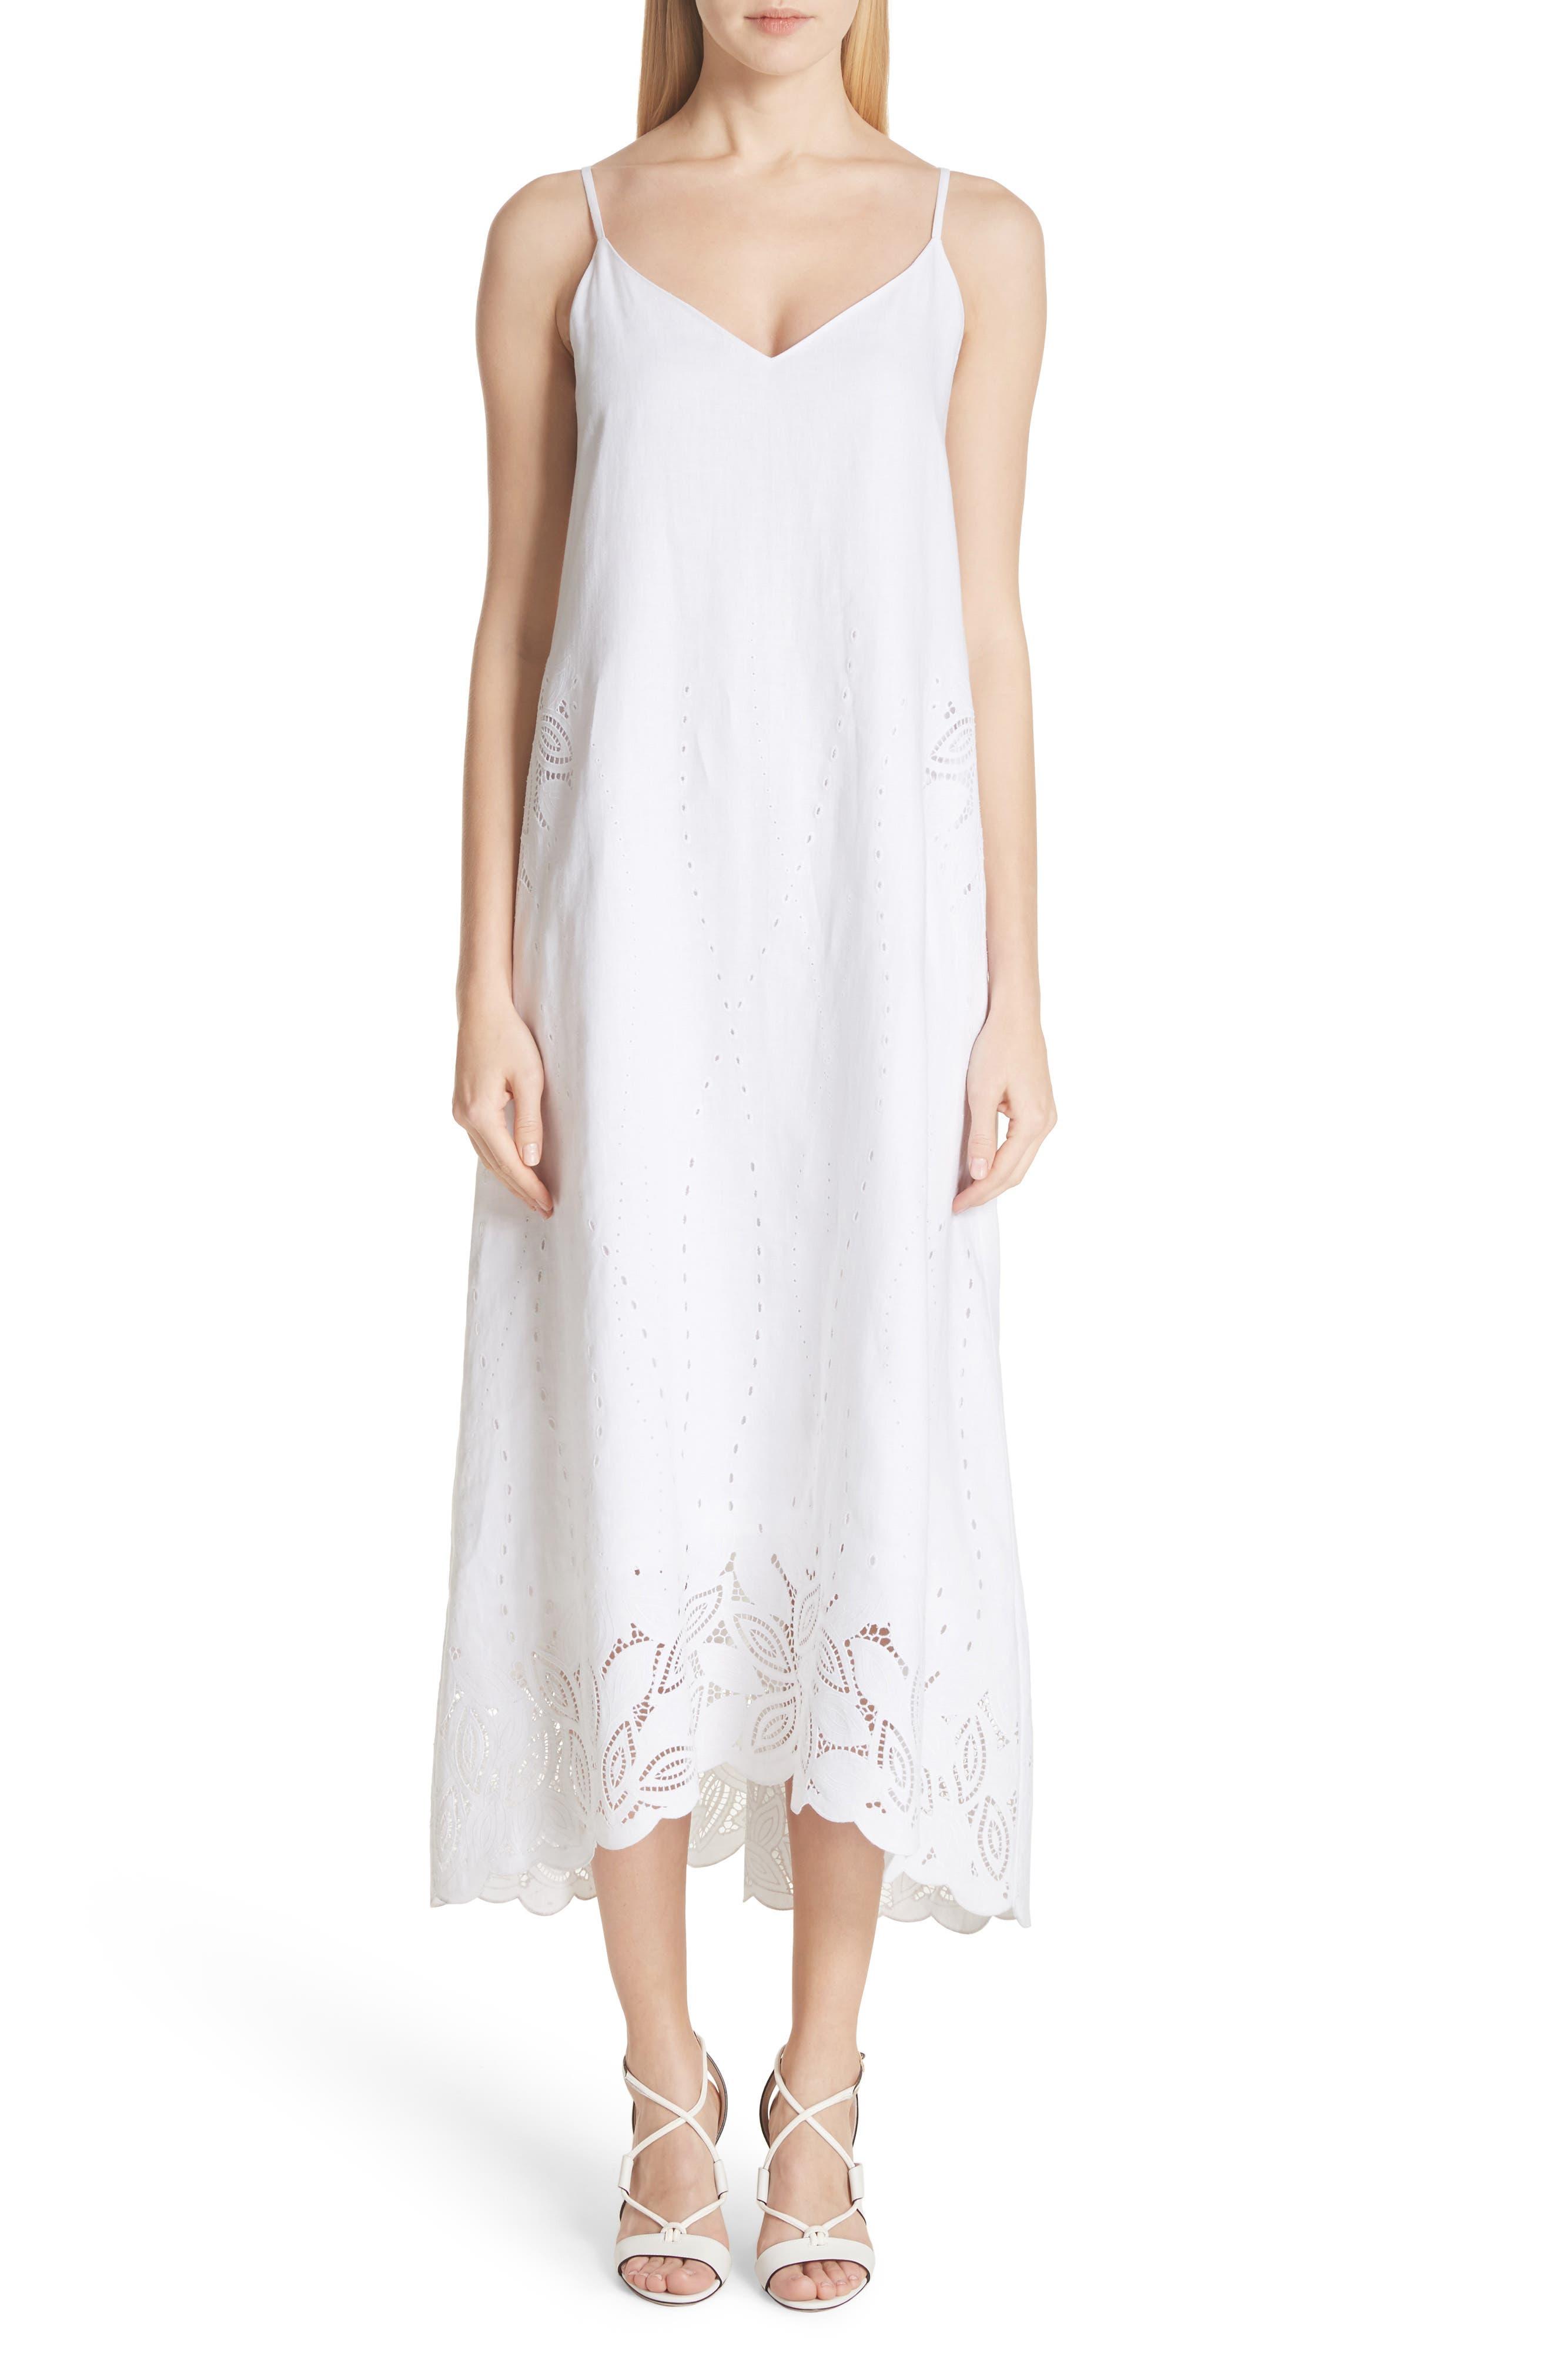 Dominique Linen Cutwork Dress,                             Main thumbnail 1, color,                             White